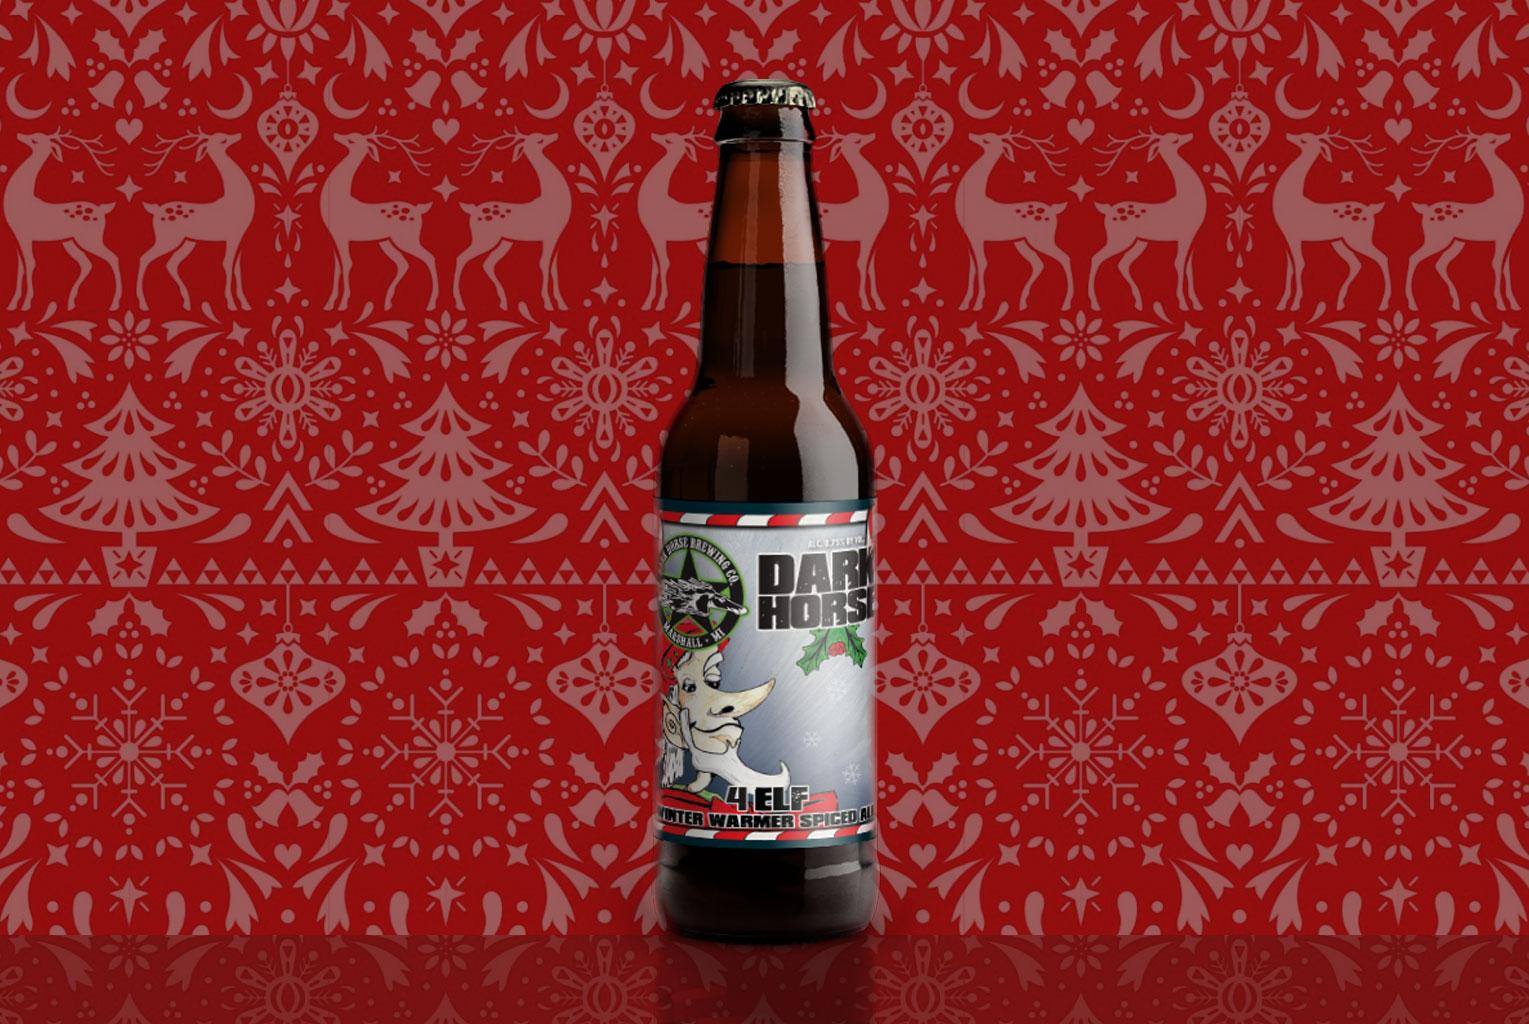 TheHopReview_Christmas_Beers_DarkHorse.jpg